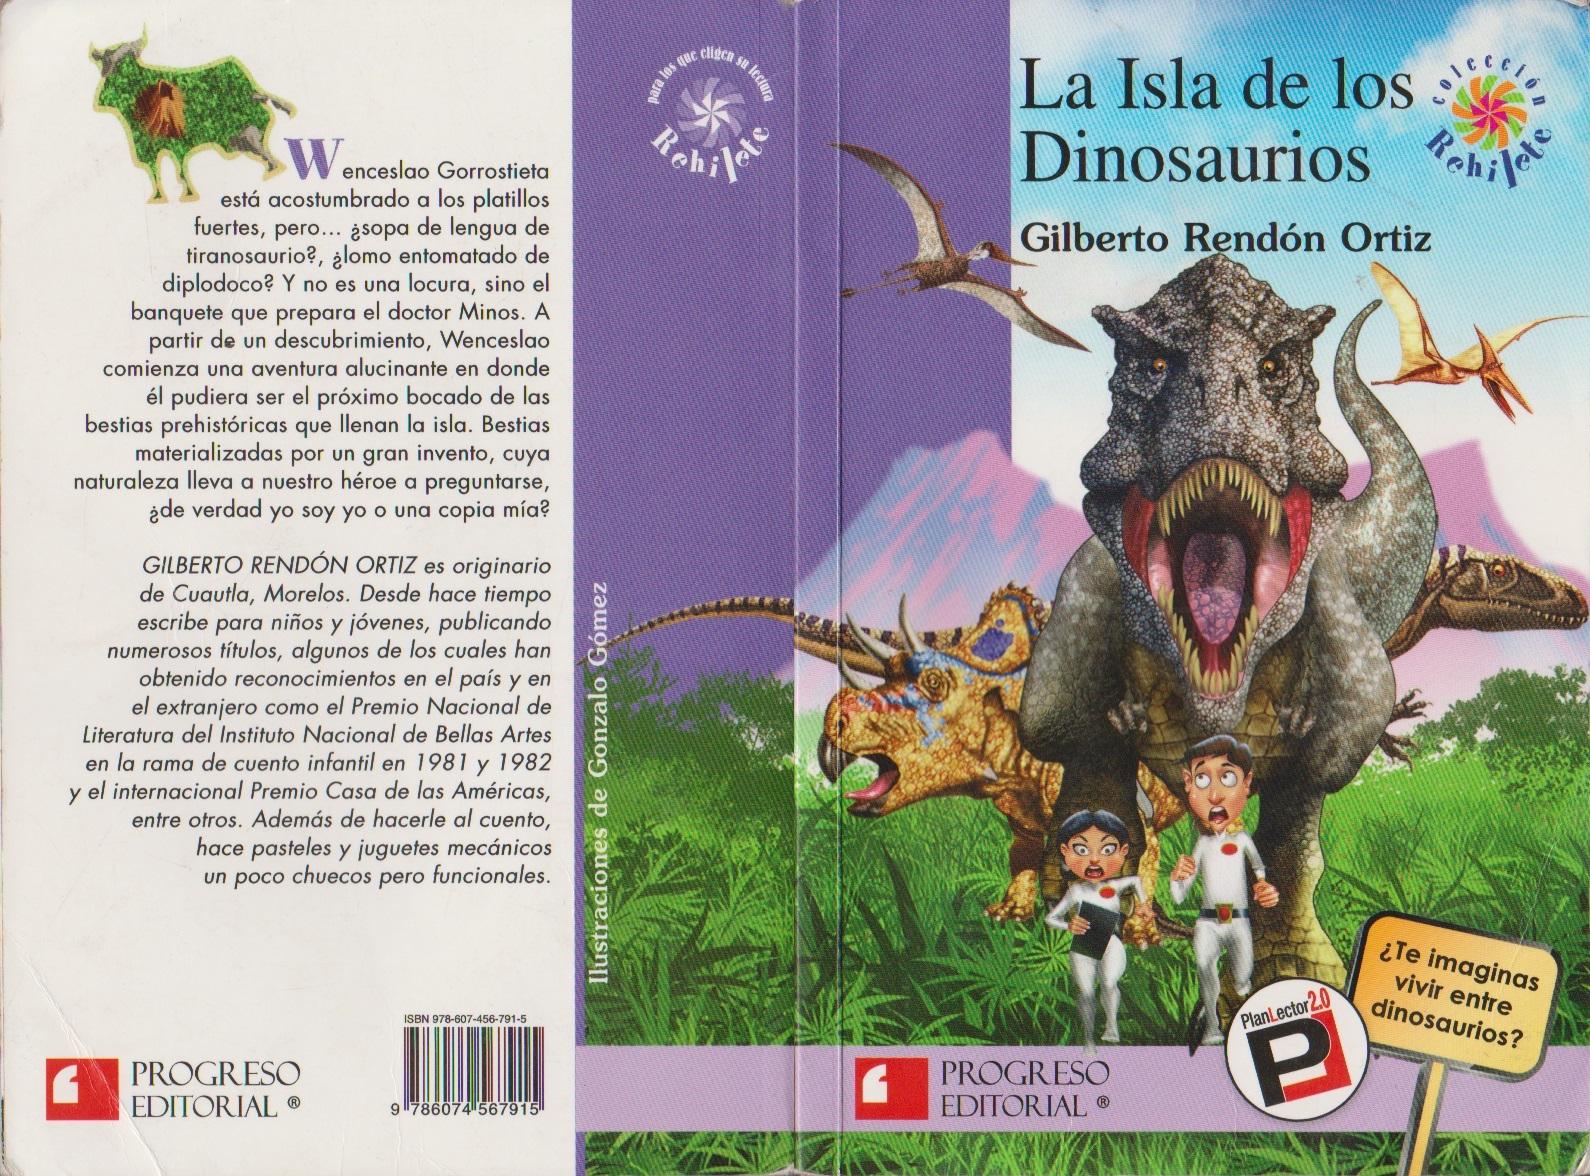 Ciudad Juarez Isla De Oportunidades Y Dinosaurios Un dinosaurio animatrónico se refiere al uso de dispositivos robóticos para emular especies de dinosaurios o aportar características realistas a un modelo de. isla de oportunidades y dinosaurios